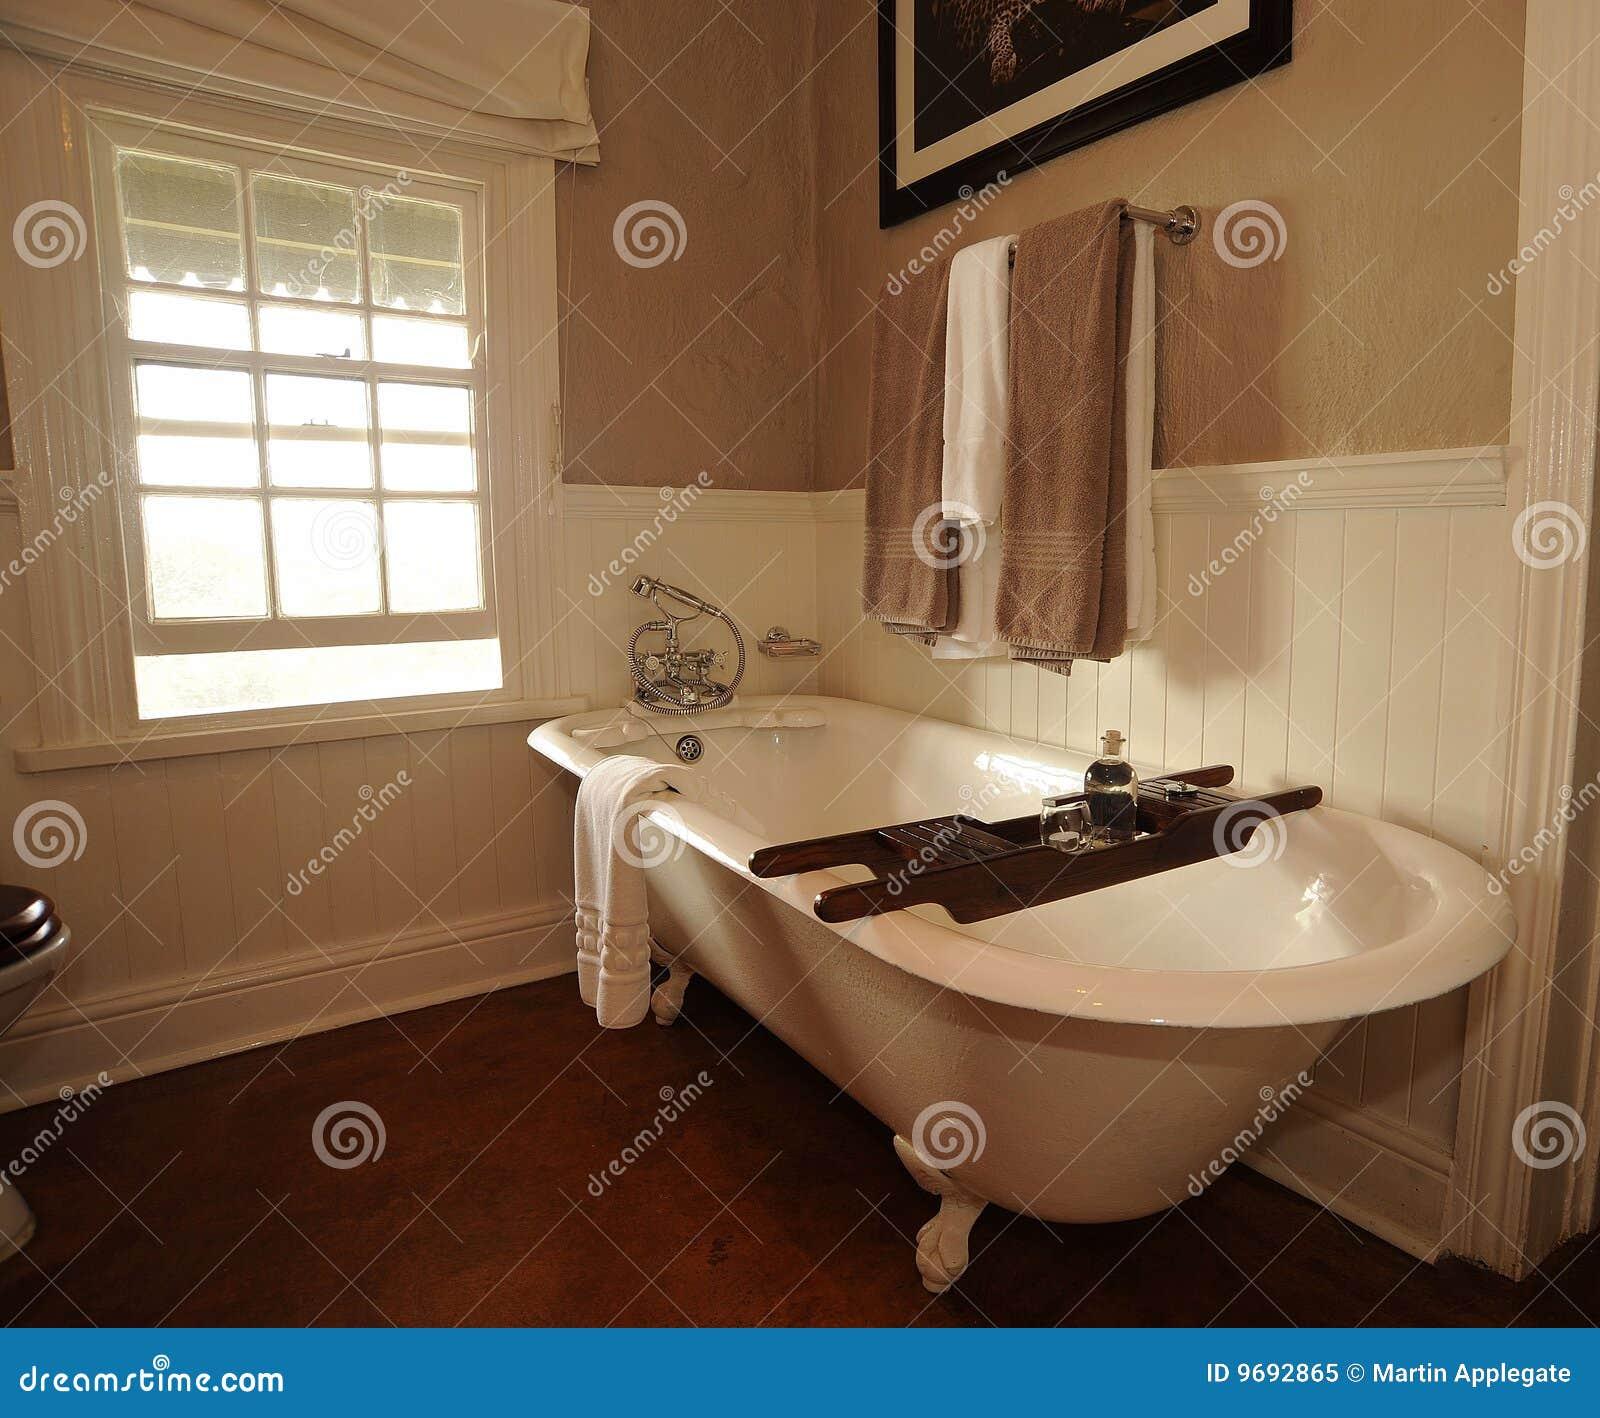 Banheiro Com Banheira Foto de Stock Royalty Free  Imagem 9692865 -> Foto Banheiro Com Banheira